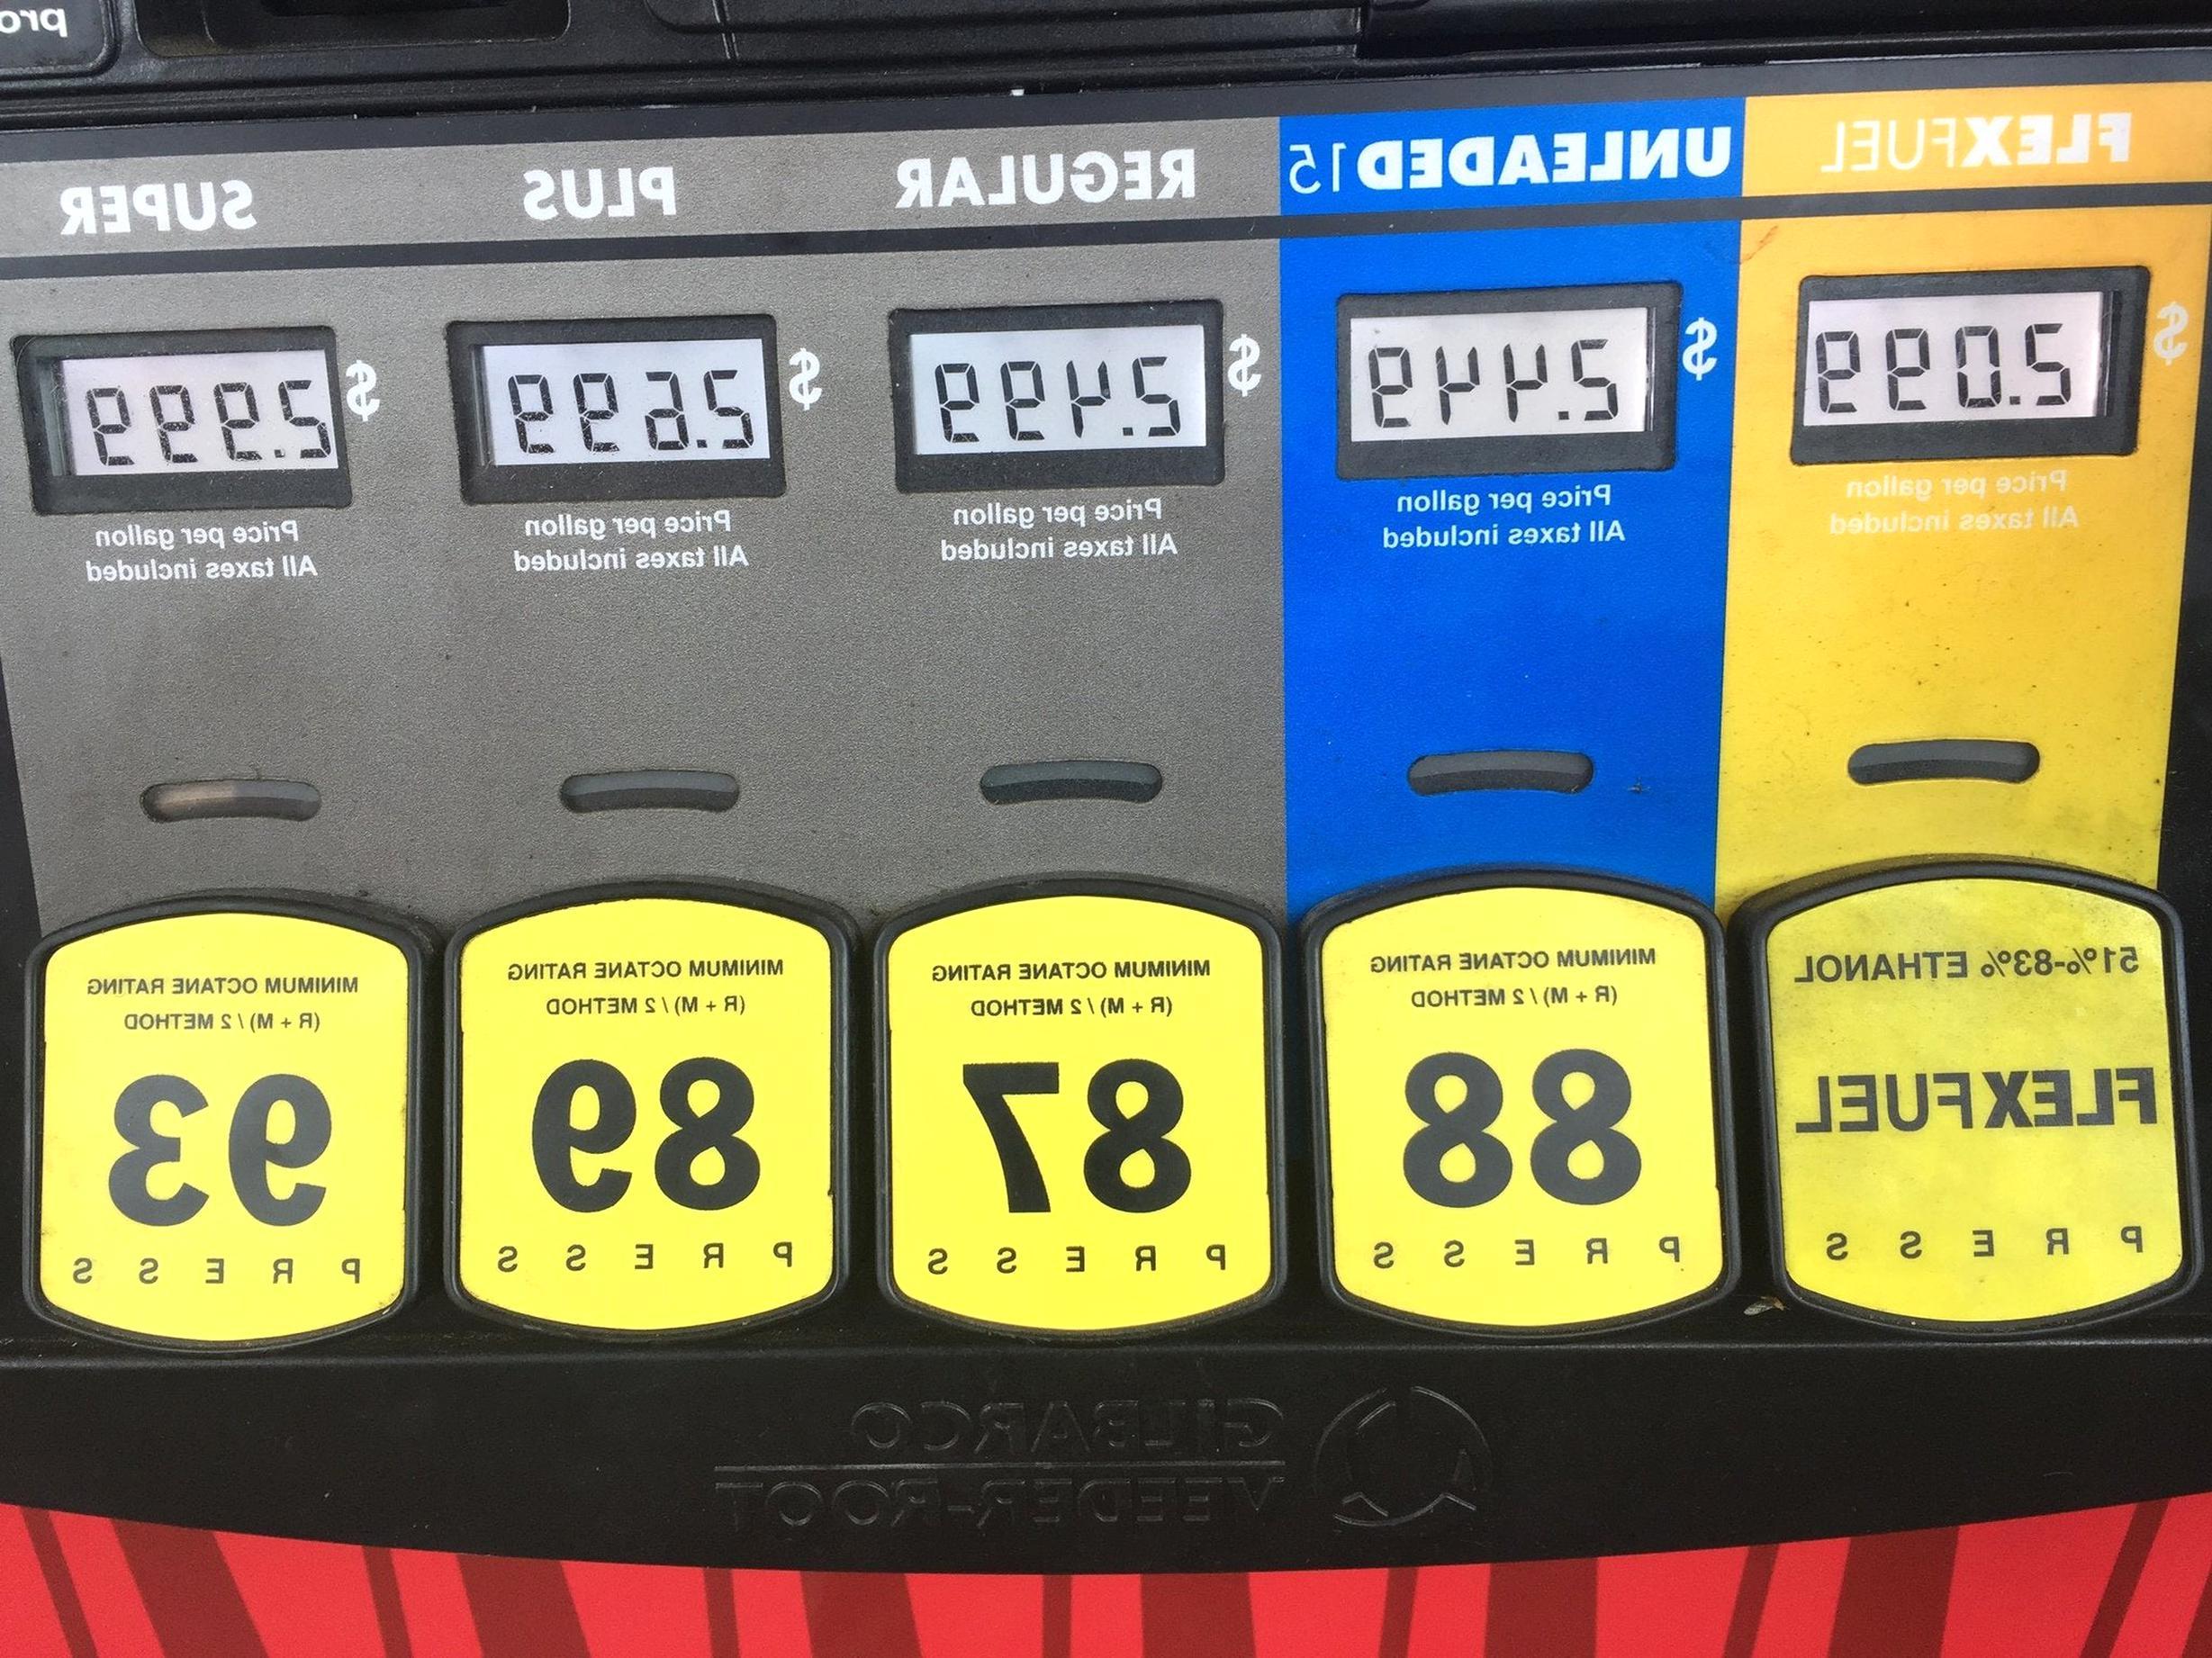 flex fuel d'occasion